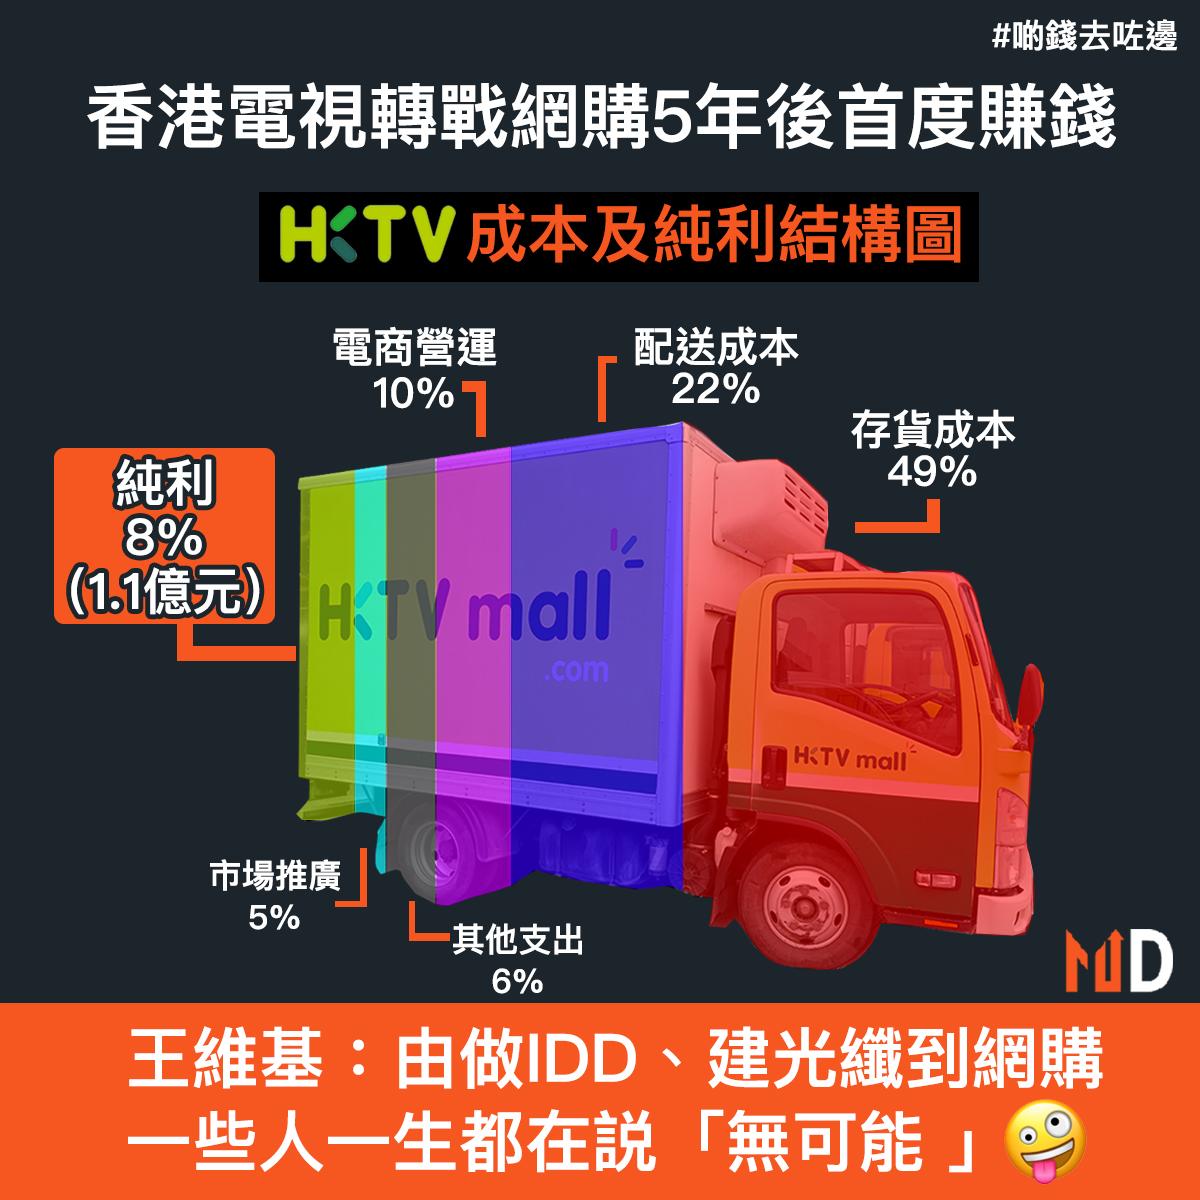 【啲錢去咗邊】香港電視轉戰網購5年後首度賺錢